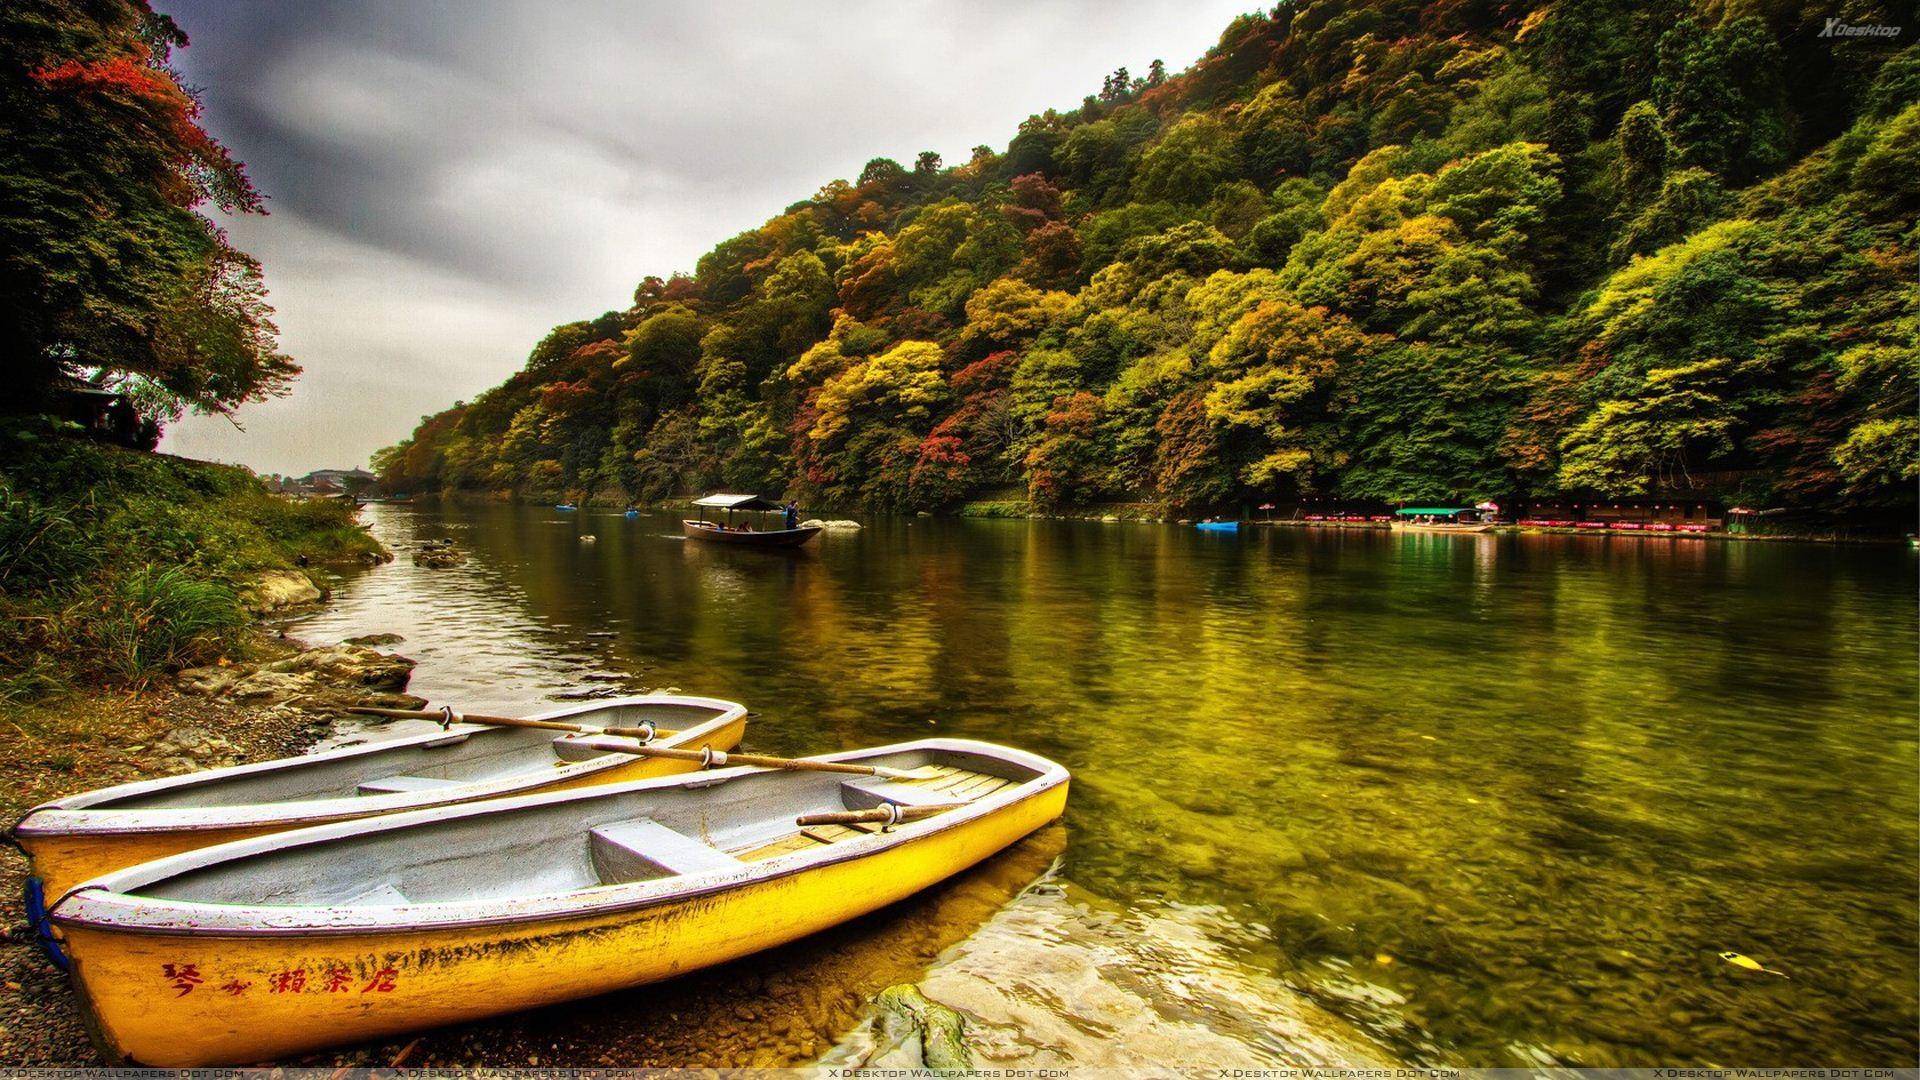 River wallpaper desktop 49 images - Background pictures of nature for desktop ...